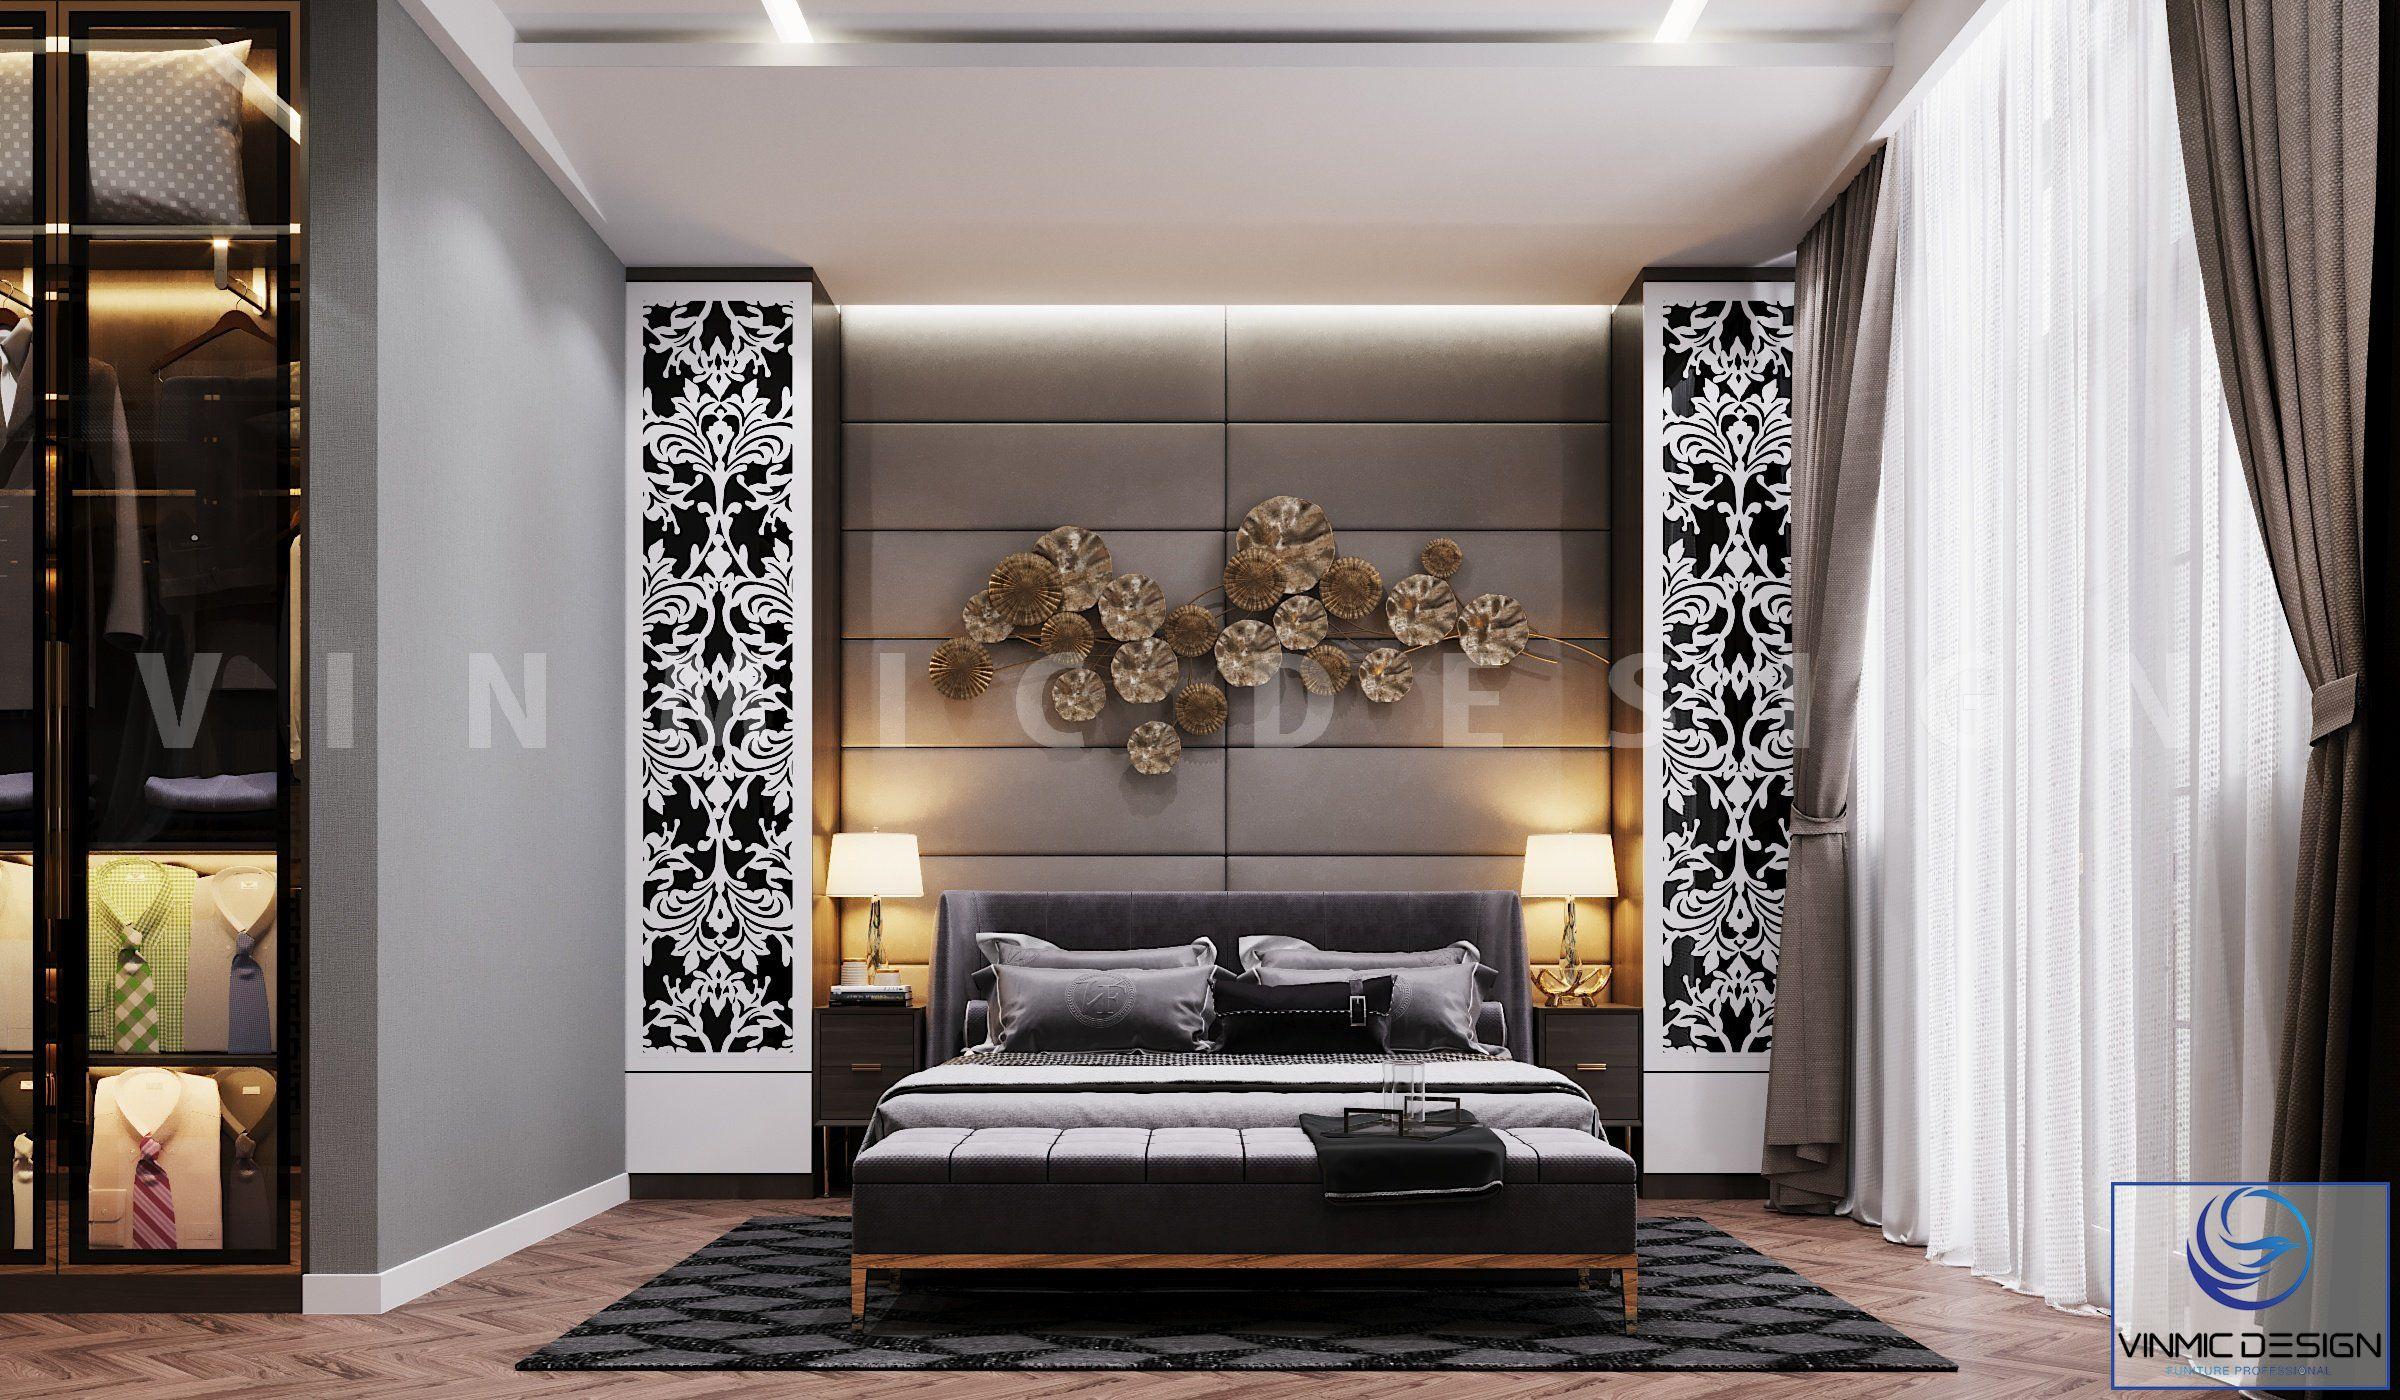 Thiết kế nội thất phòng ngủ sang trọng tại biệt thự Vinhomes Imperia Hải Phòng